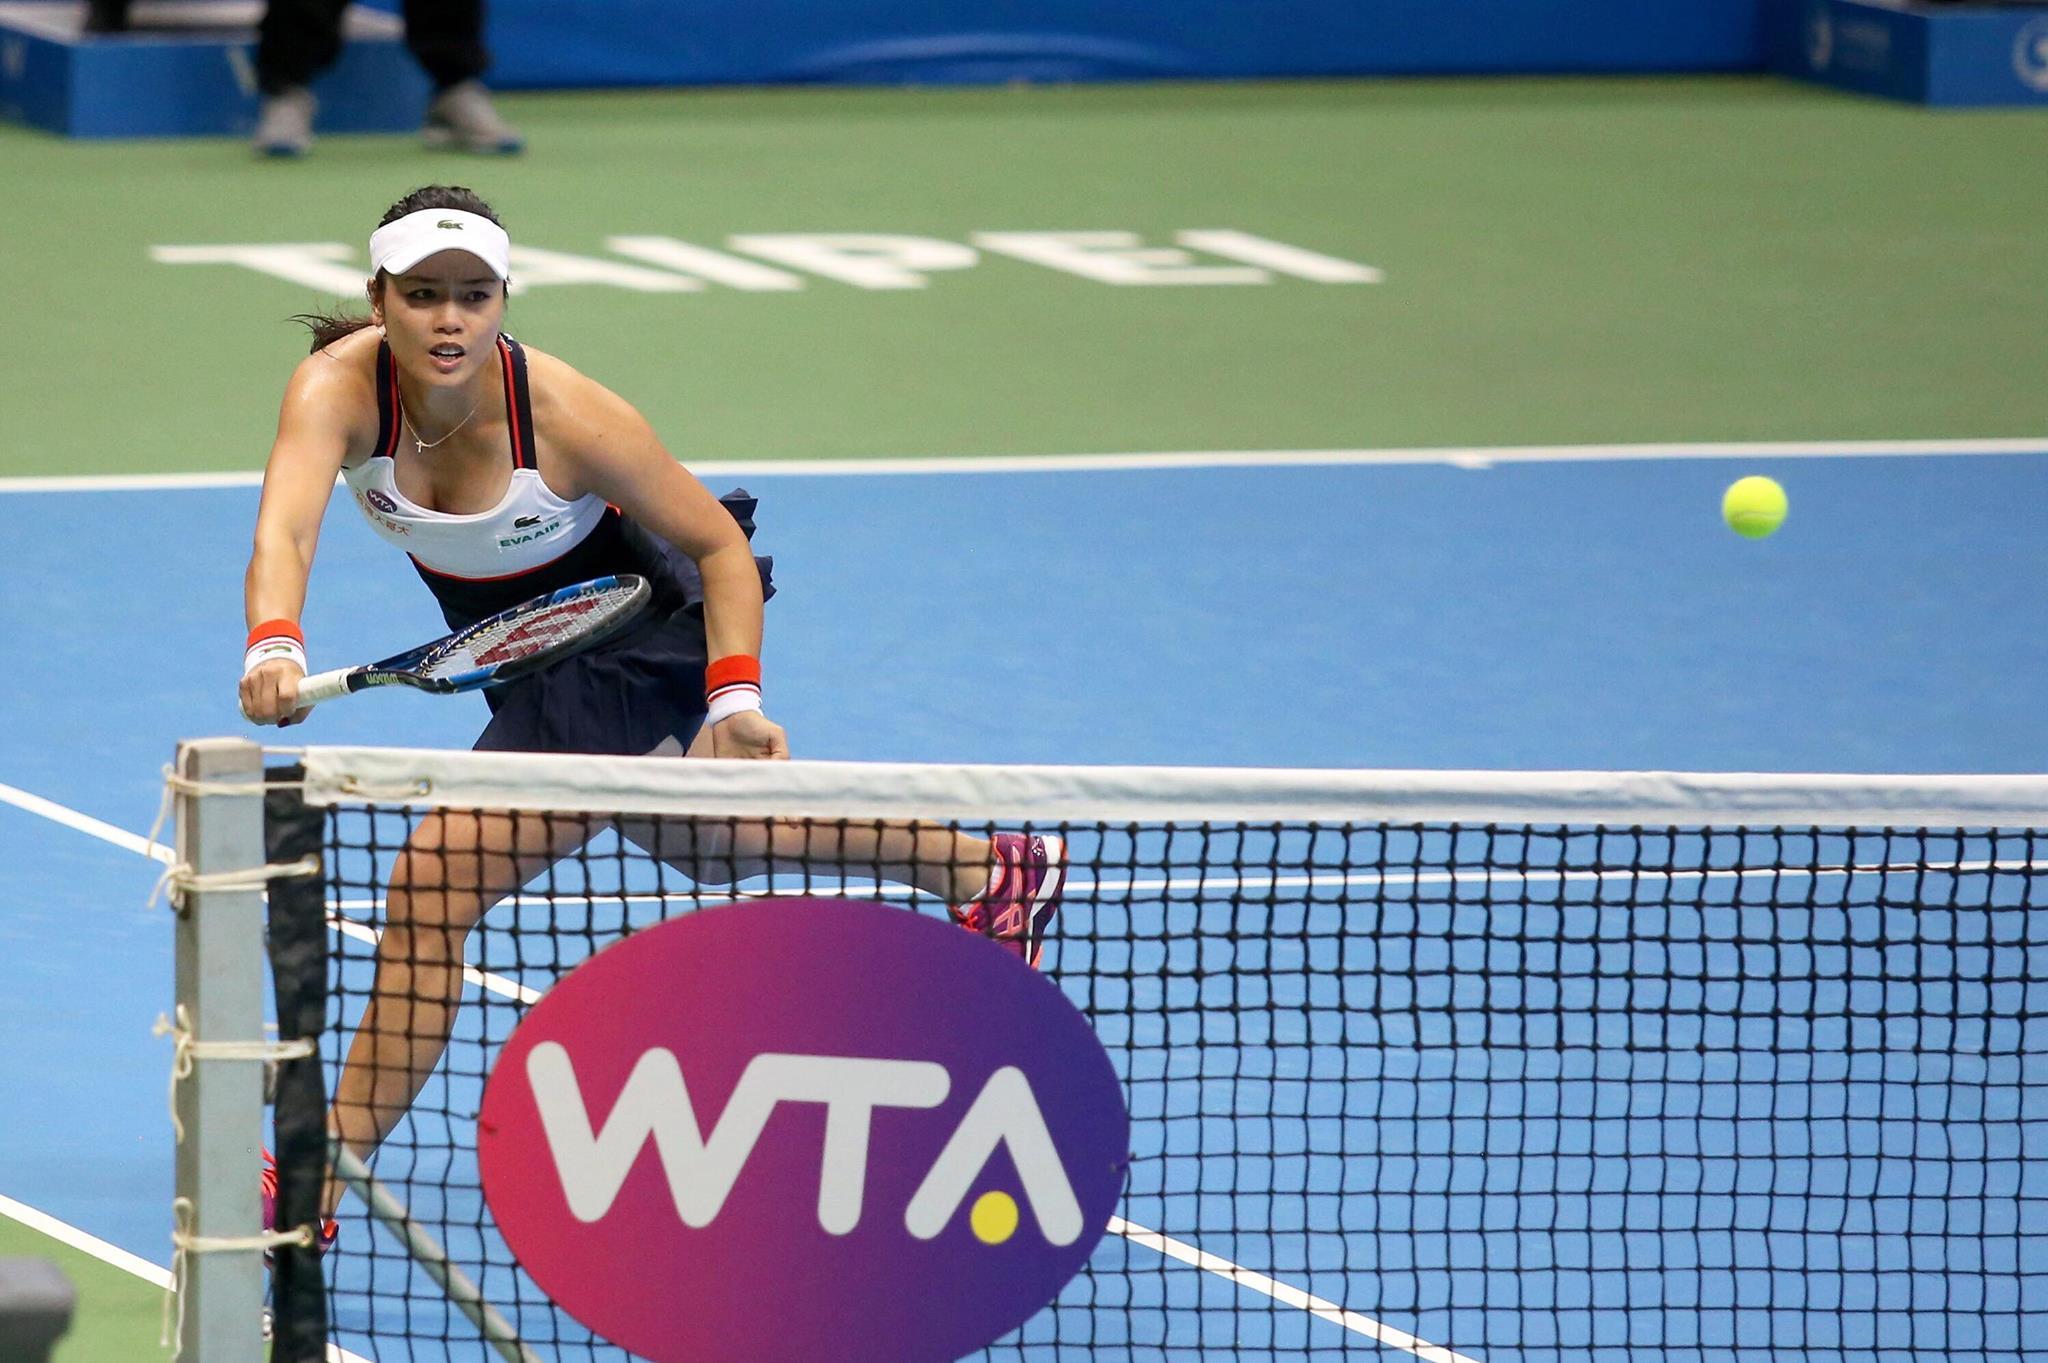 詹詠然與辛吉絲共同獲選「年度女雙冠軍」  台灣第一人